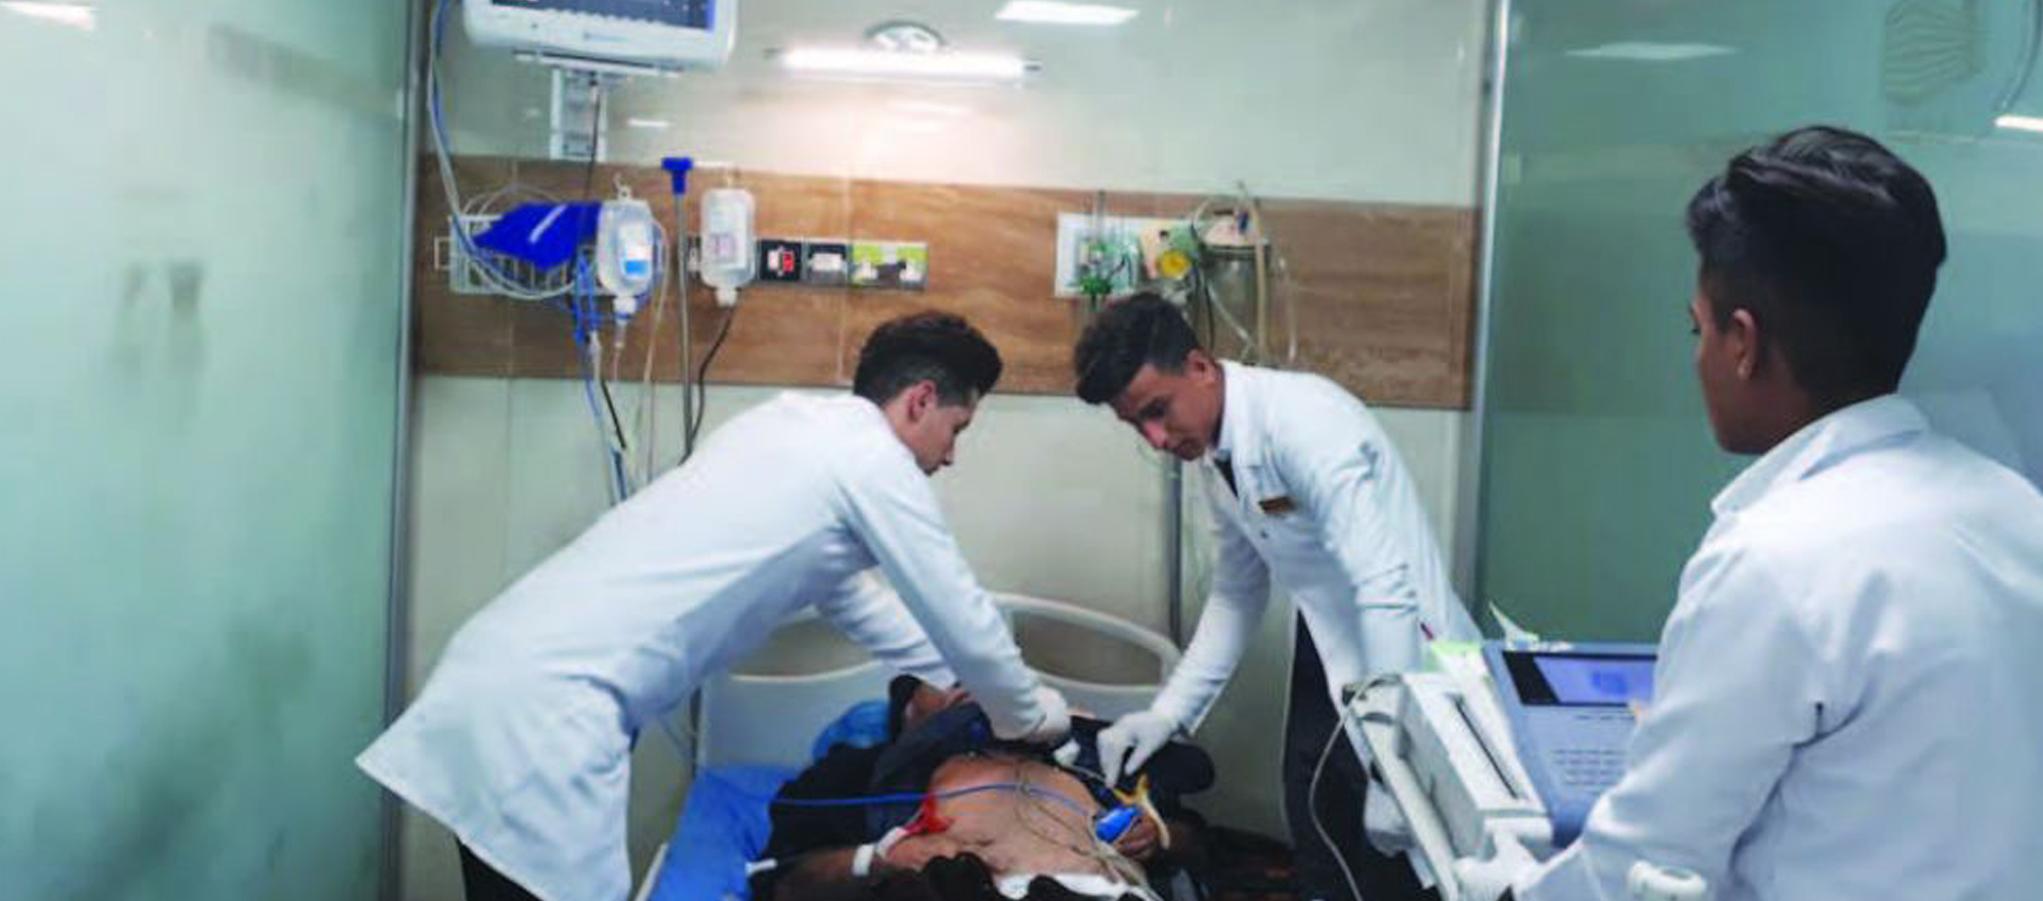 مواقف واجهتني في آخر خفارتين في طوارئ مدينة الطب